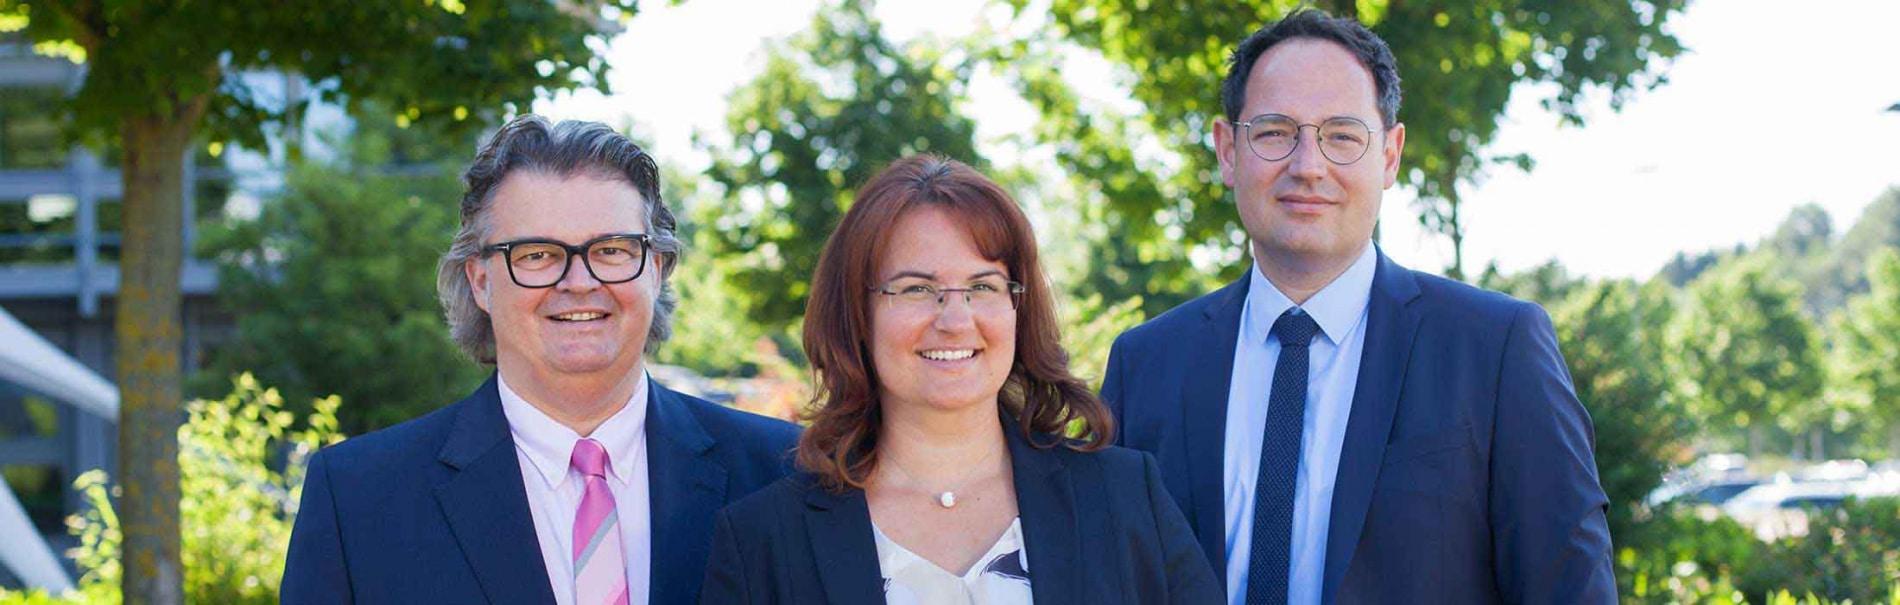 Anwaltsbüro Quirmbach & Partner, Anwälte für Arzthaftungsrecht und Unfallopfer